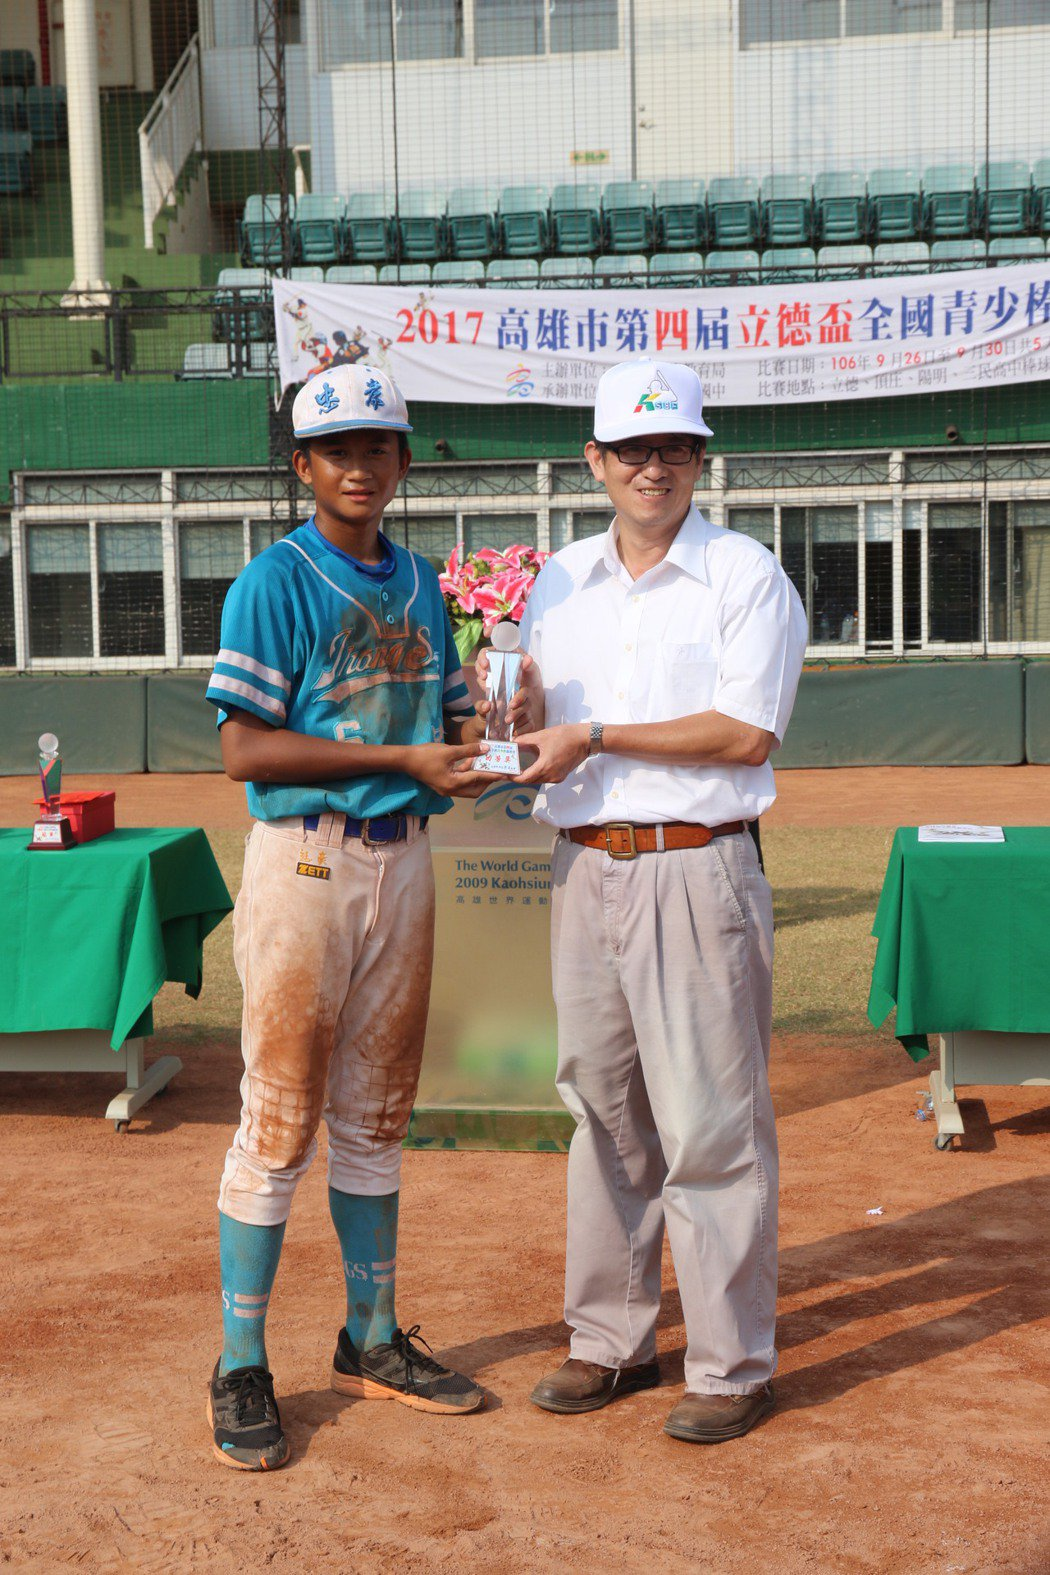 忠孝國中隊員孔念恩(左)個人獲得三獎項,分別是打擊、打點王與功勞獎。記者徐如宜/...